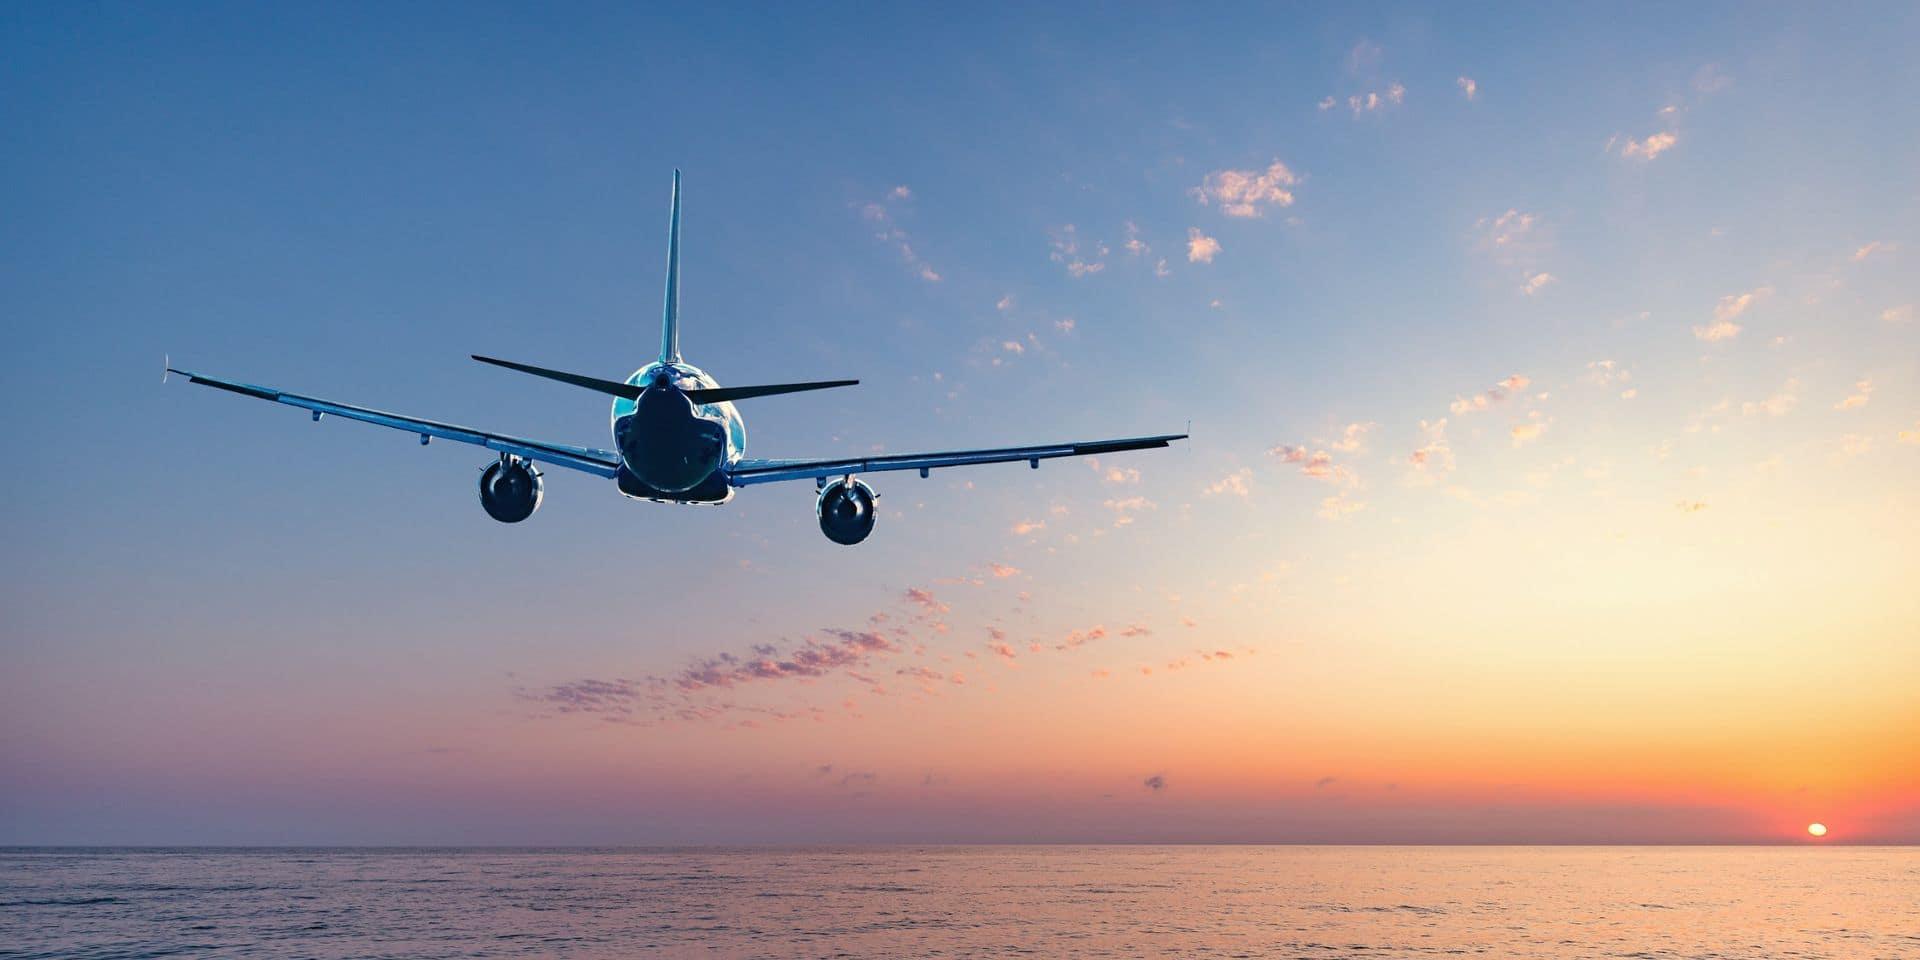 Le Royaume-Uni assouplit les restrictions aux voyages pour une cinquantaine de pays